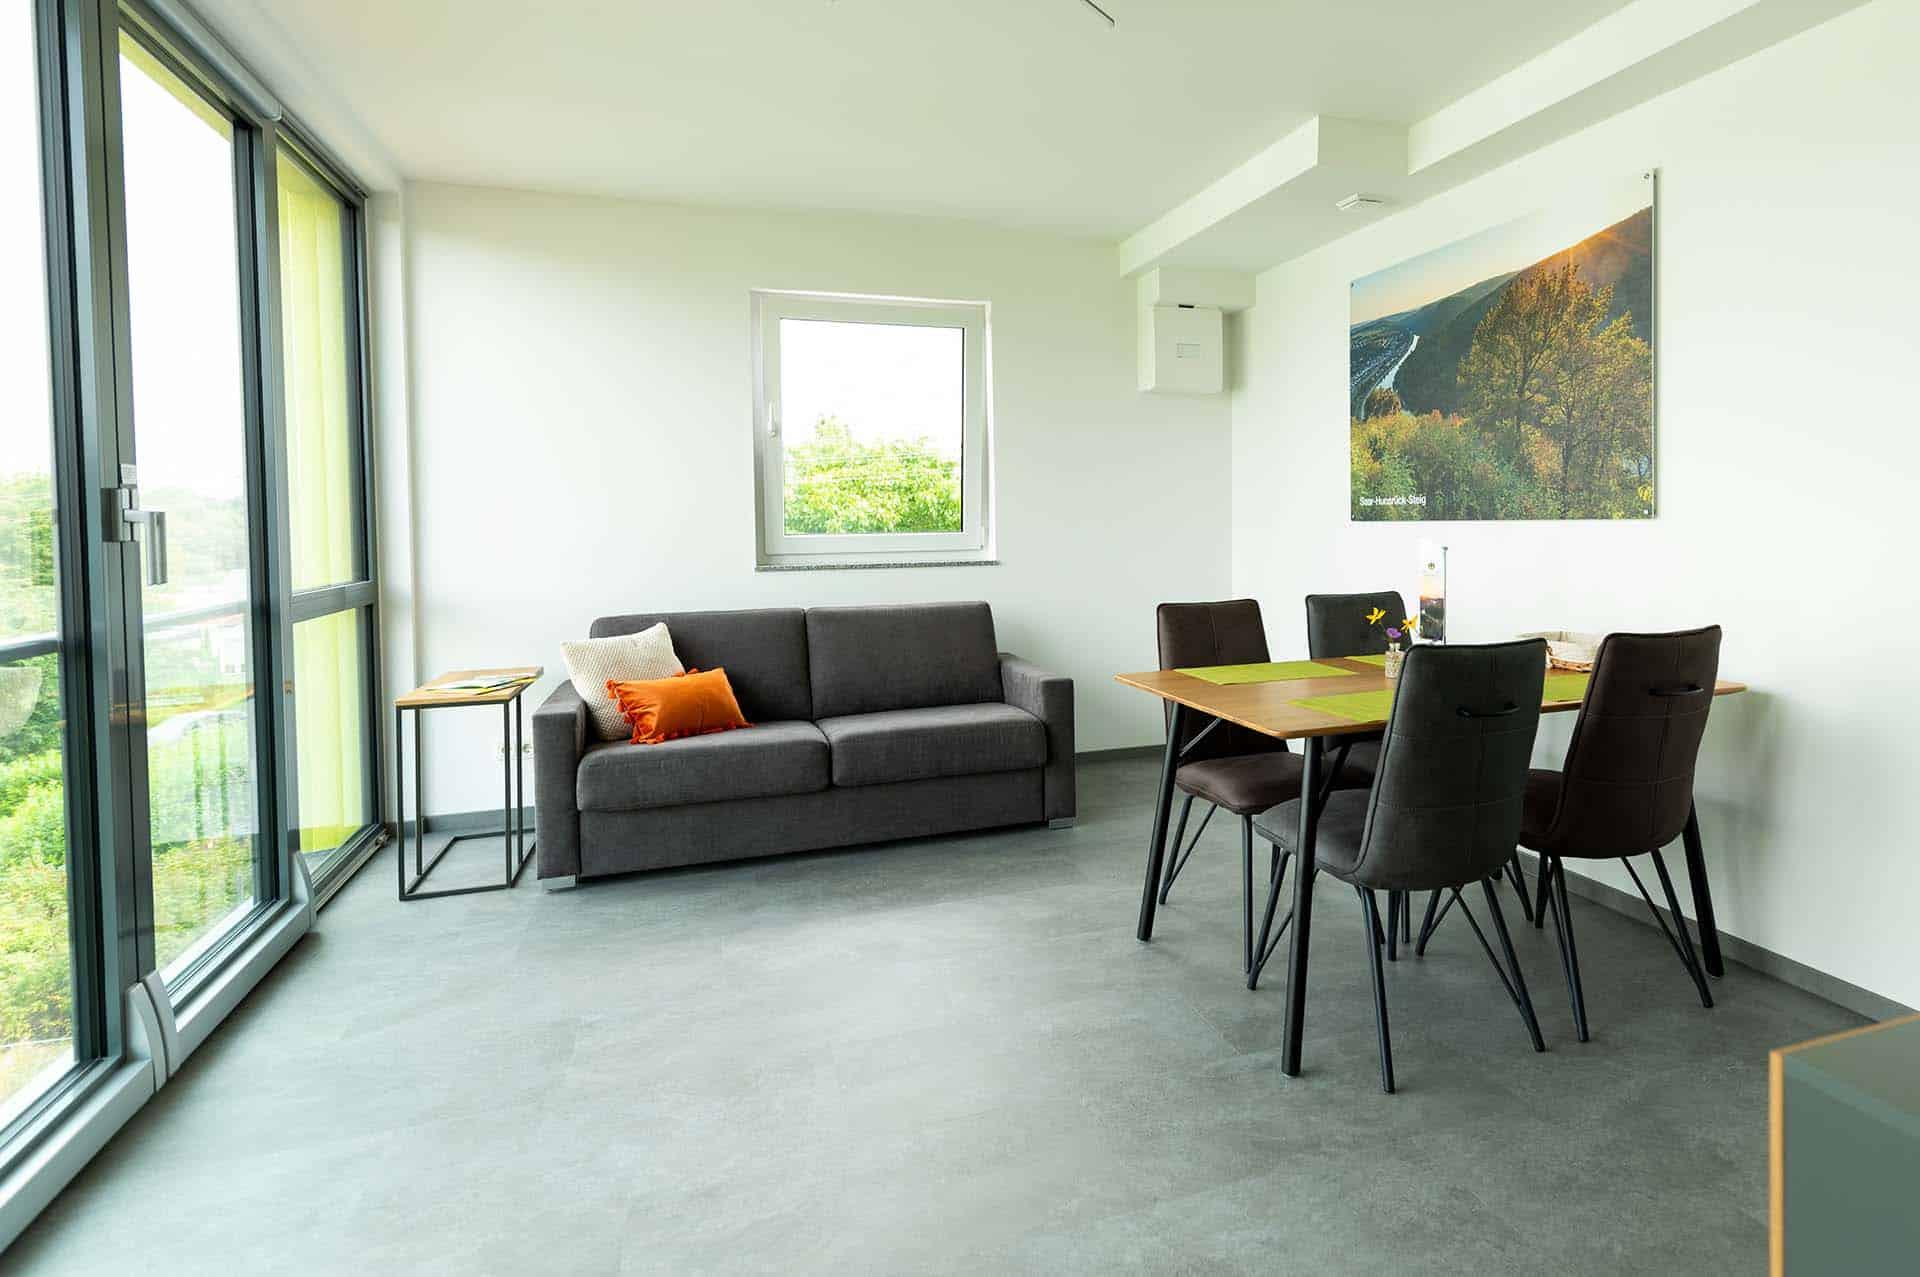 appartement-saar-hunsrück-steig-wohnbereich-essbereich